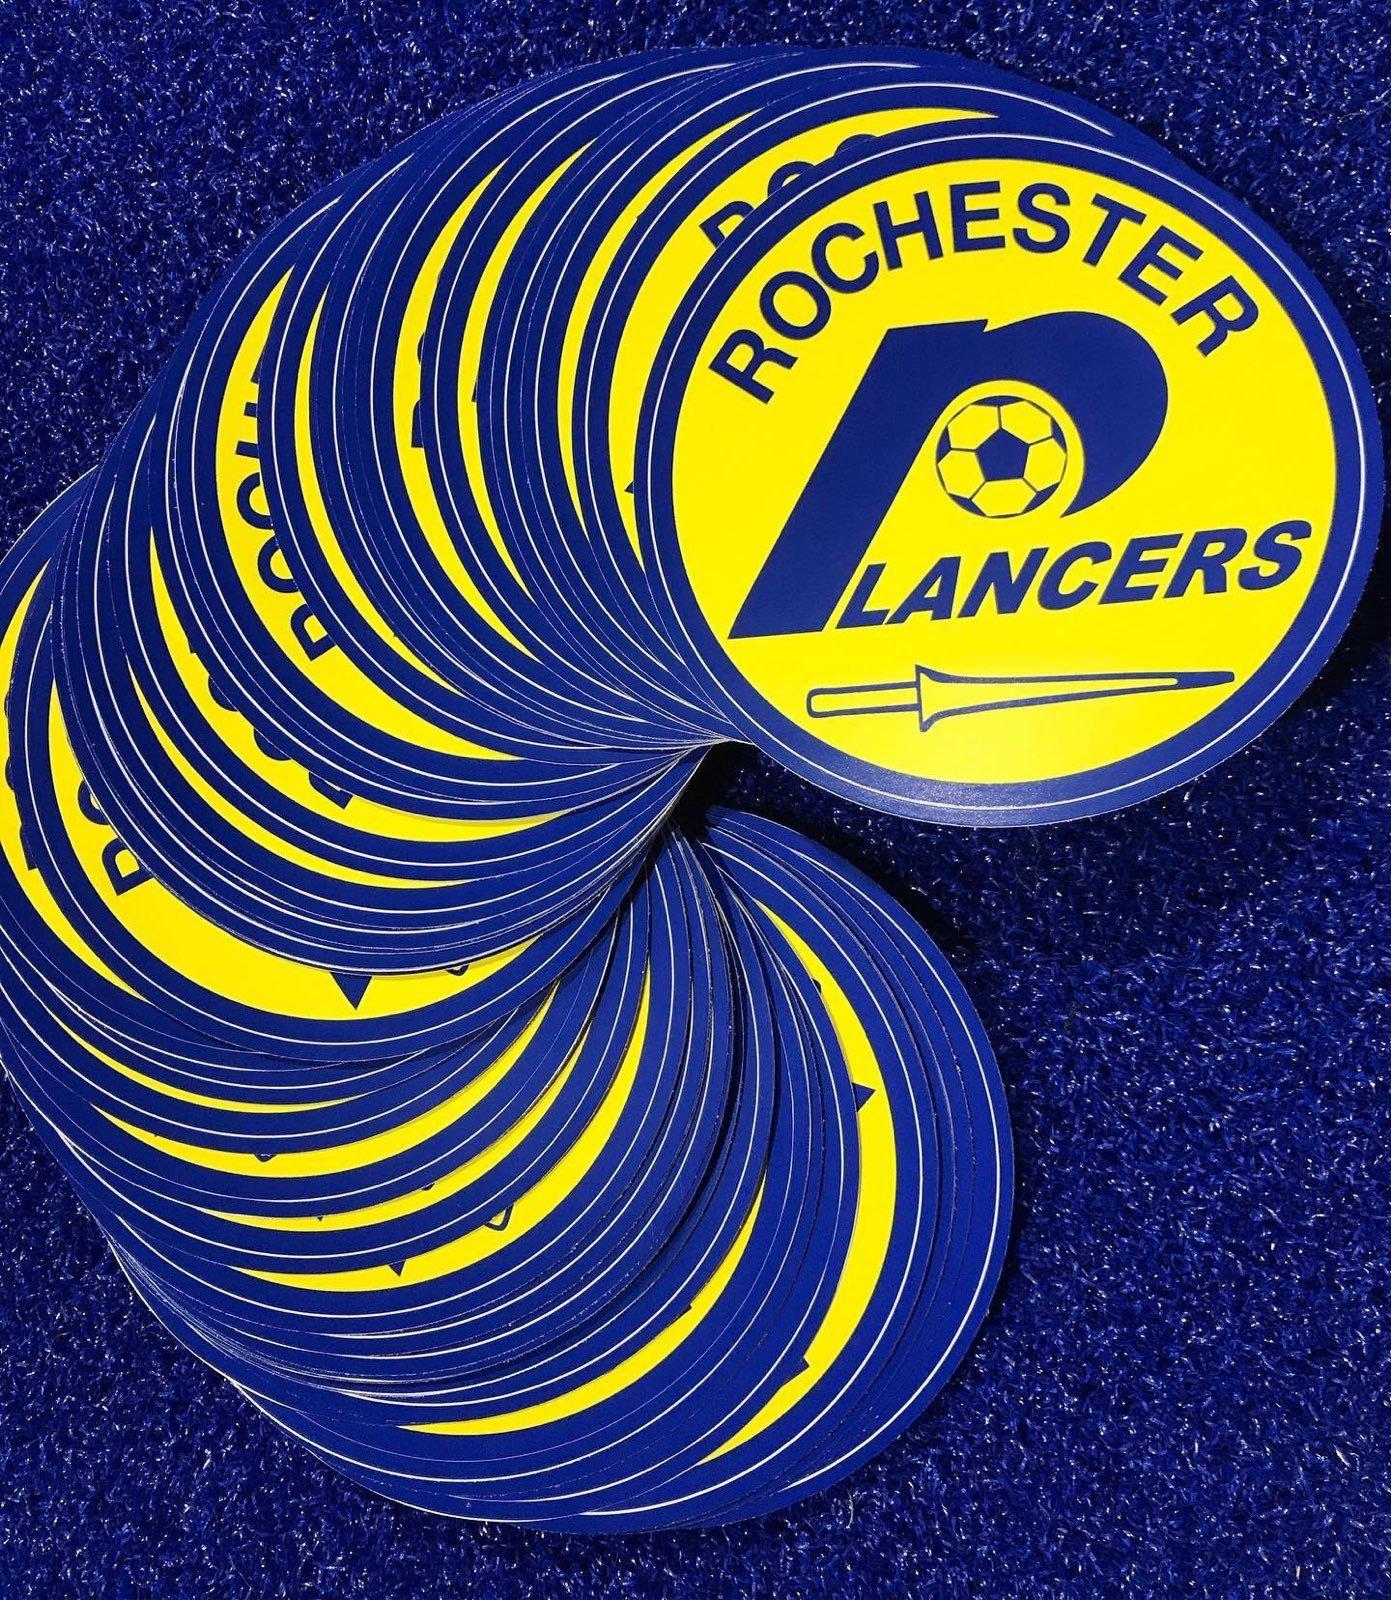 Lancers Bumper Sticker